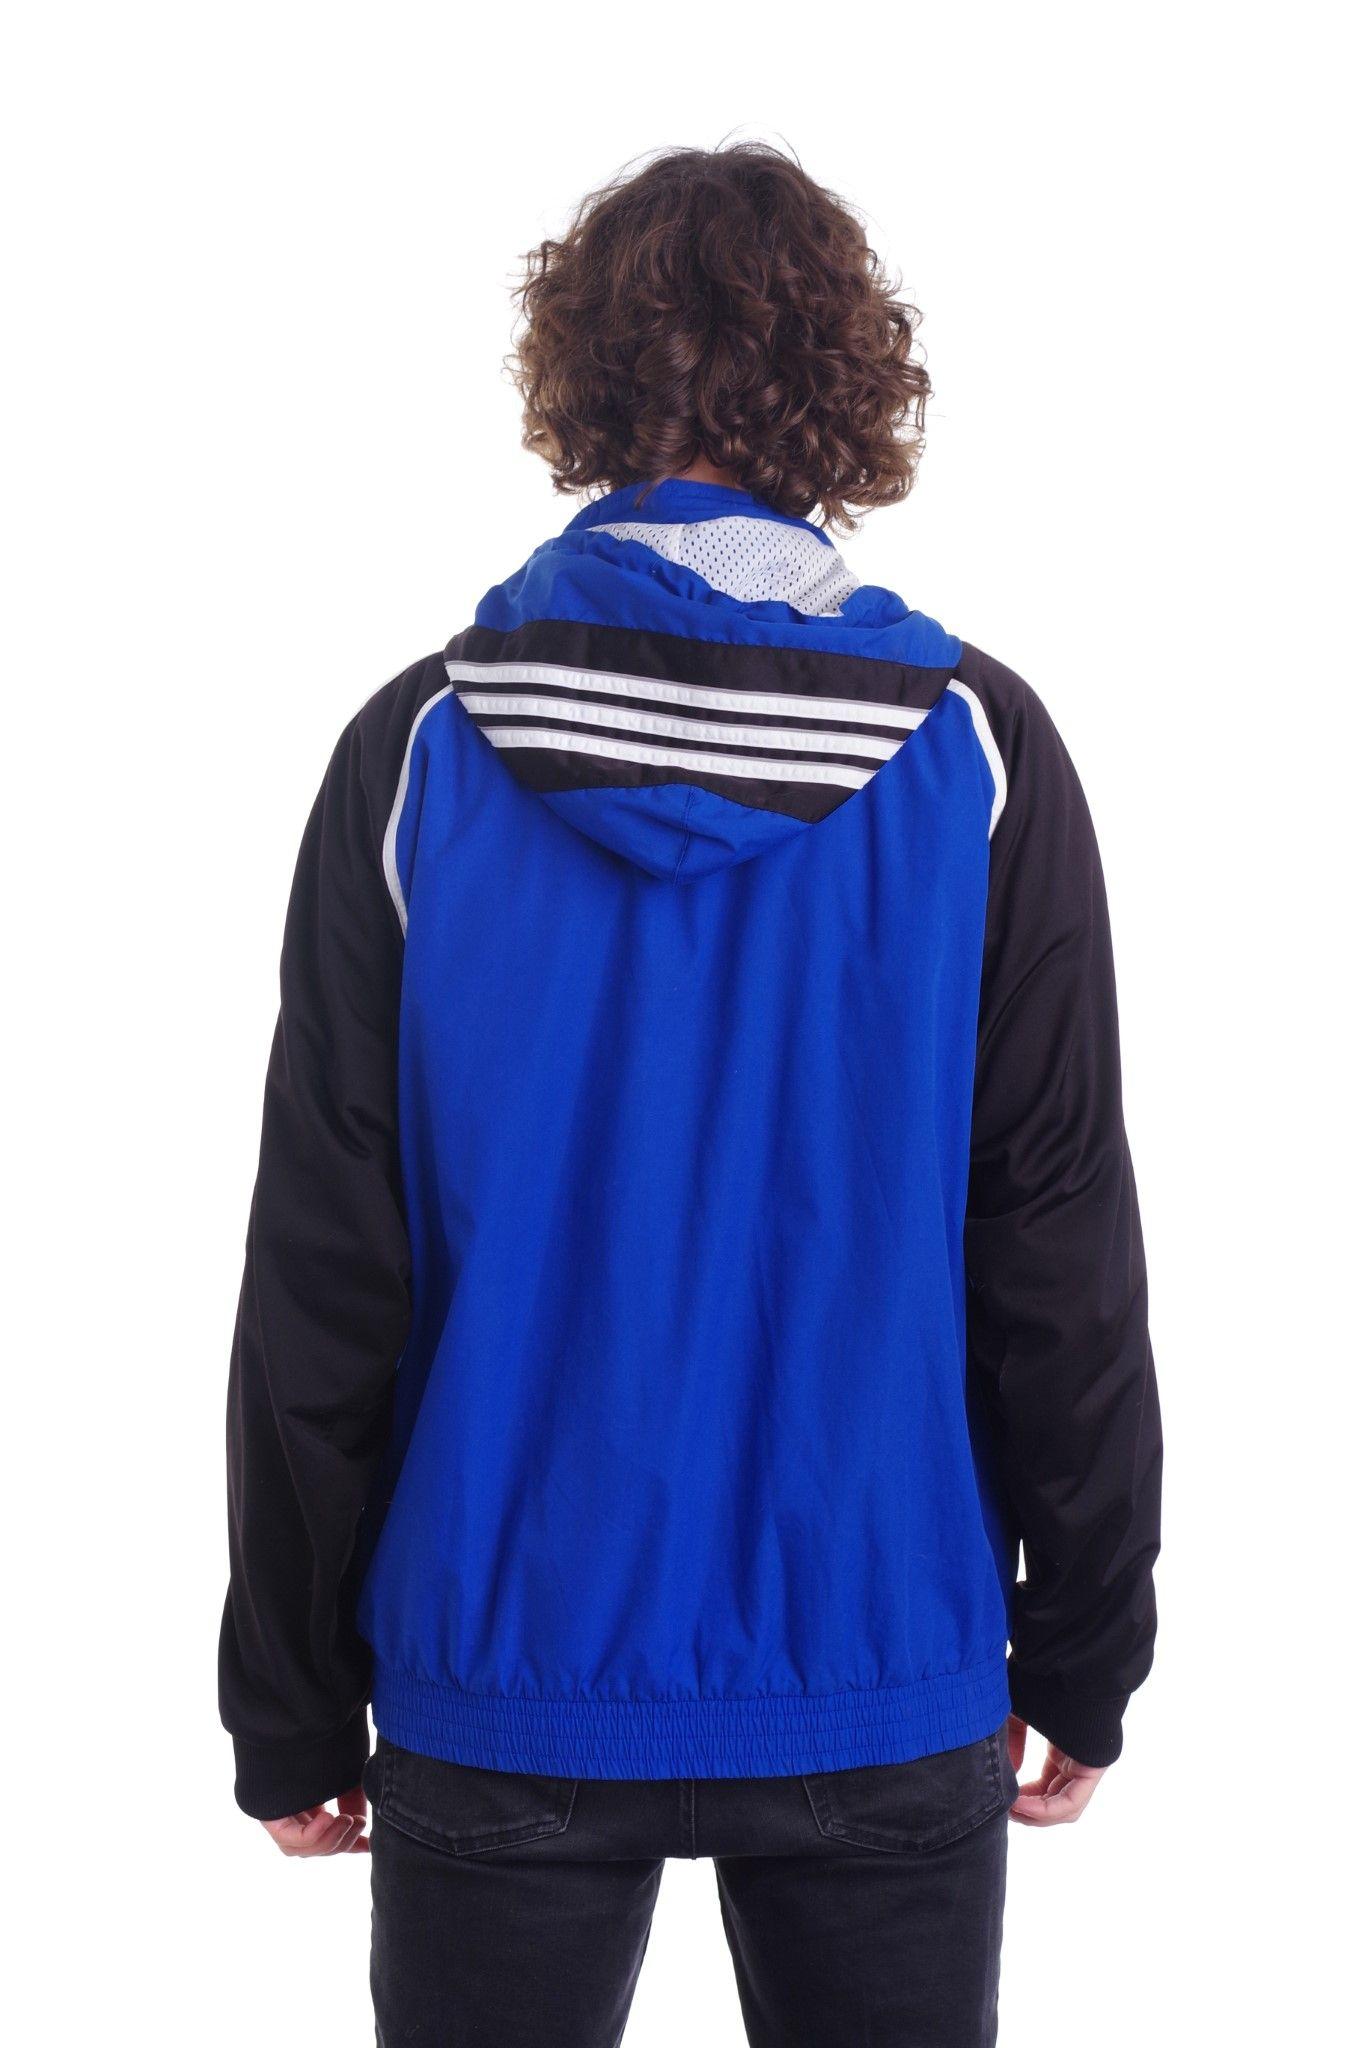 Adidas czarno-niebieska bluza z kapturem z lat 90-tych - KEX Vintage Store | JestemSlow.pl